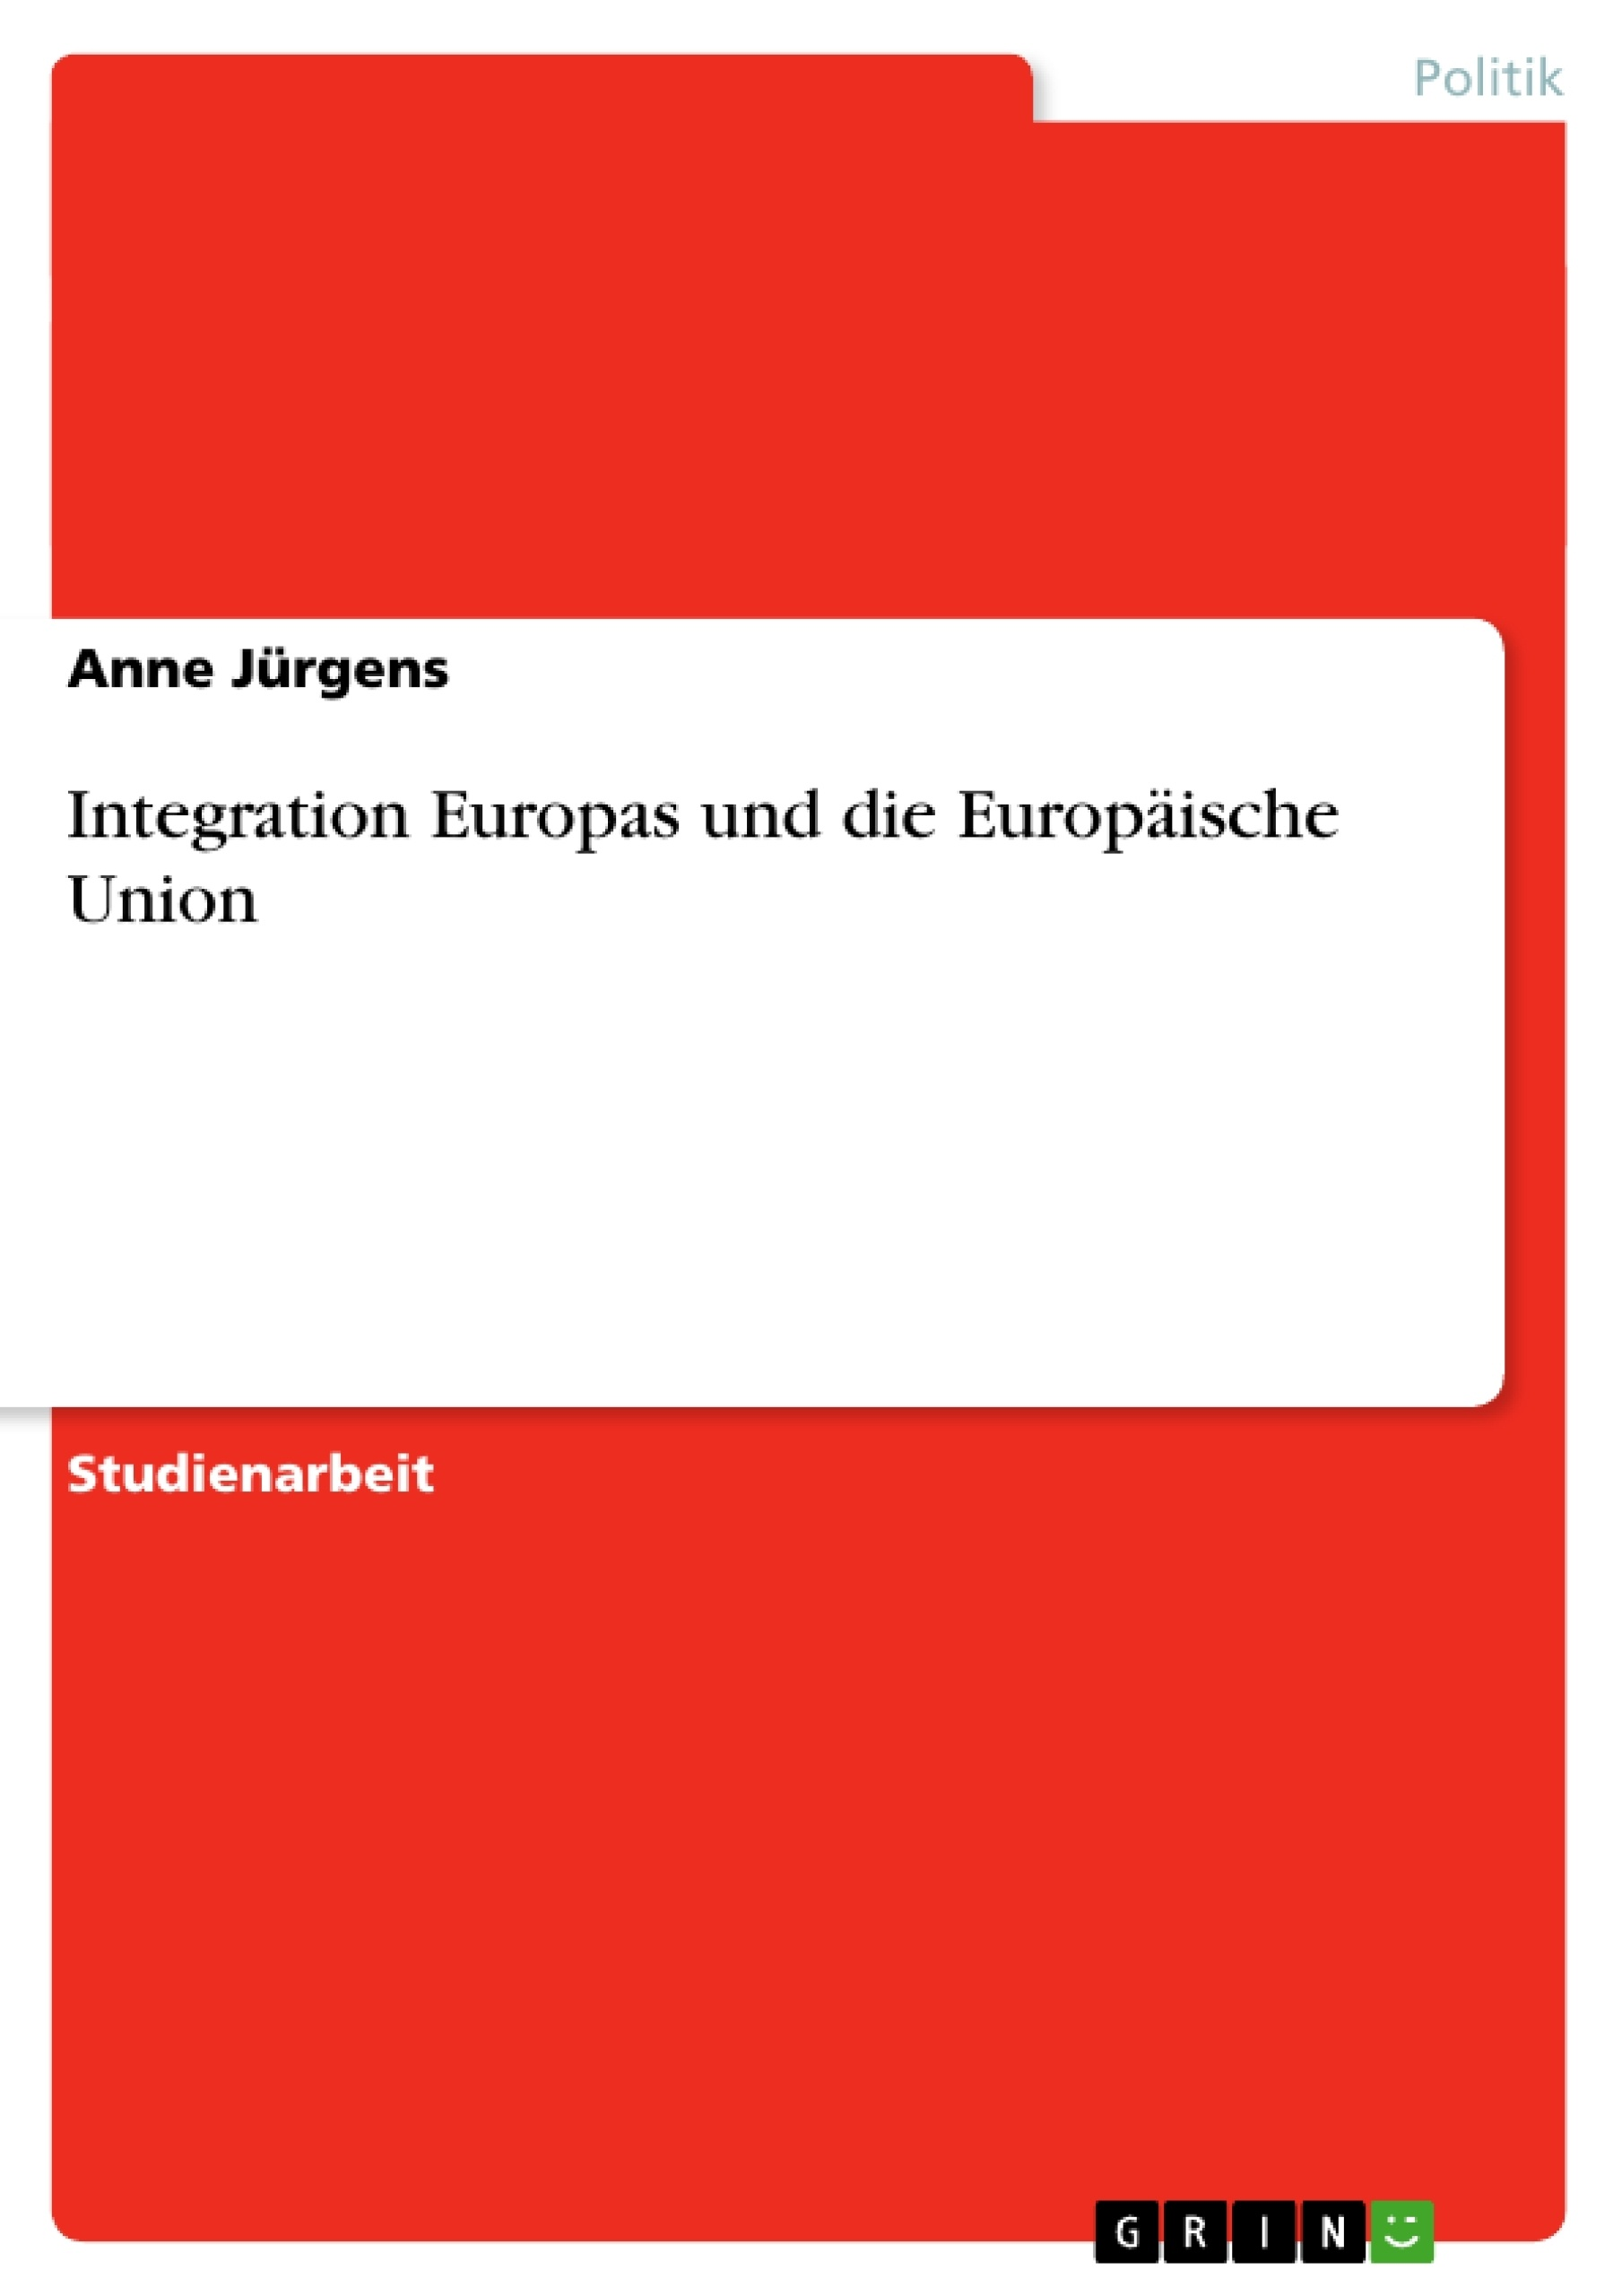 Titel: Integration Europas und die Europäische Union